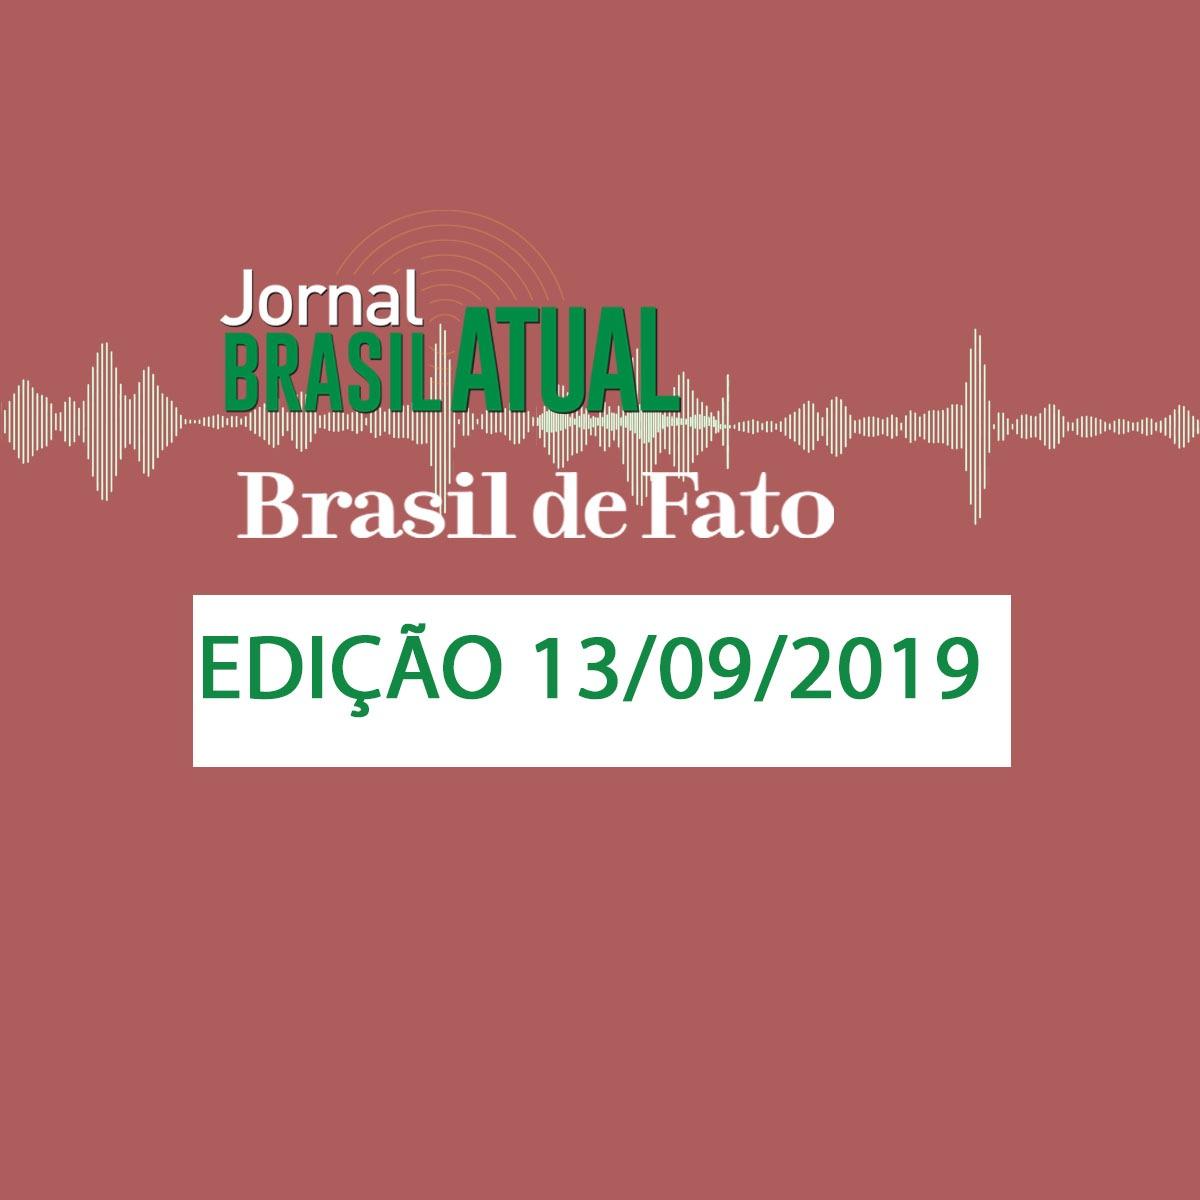 Ouça o programa ao vivo das 17h às 18h30 na Grande São Paulo (98.9 MHz) e noroeste paulista (102.7 MHz) e através do site do Brasil de Fato  - Créditos: Juliana Almeida | RBA